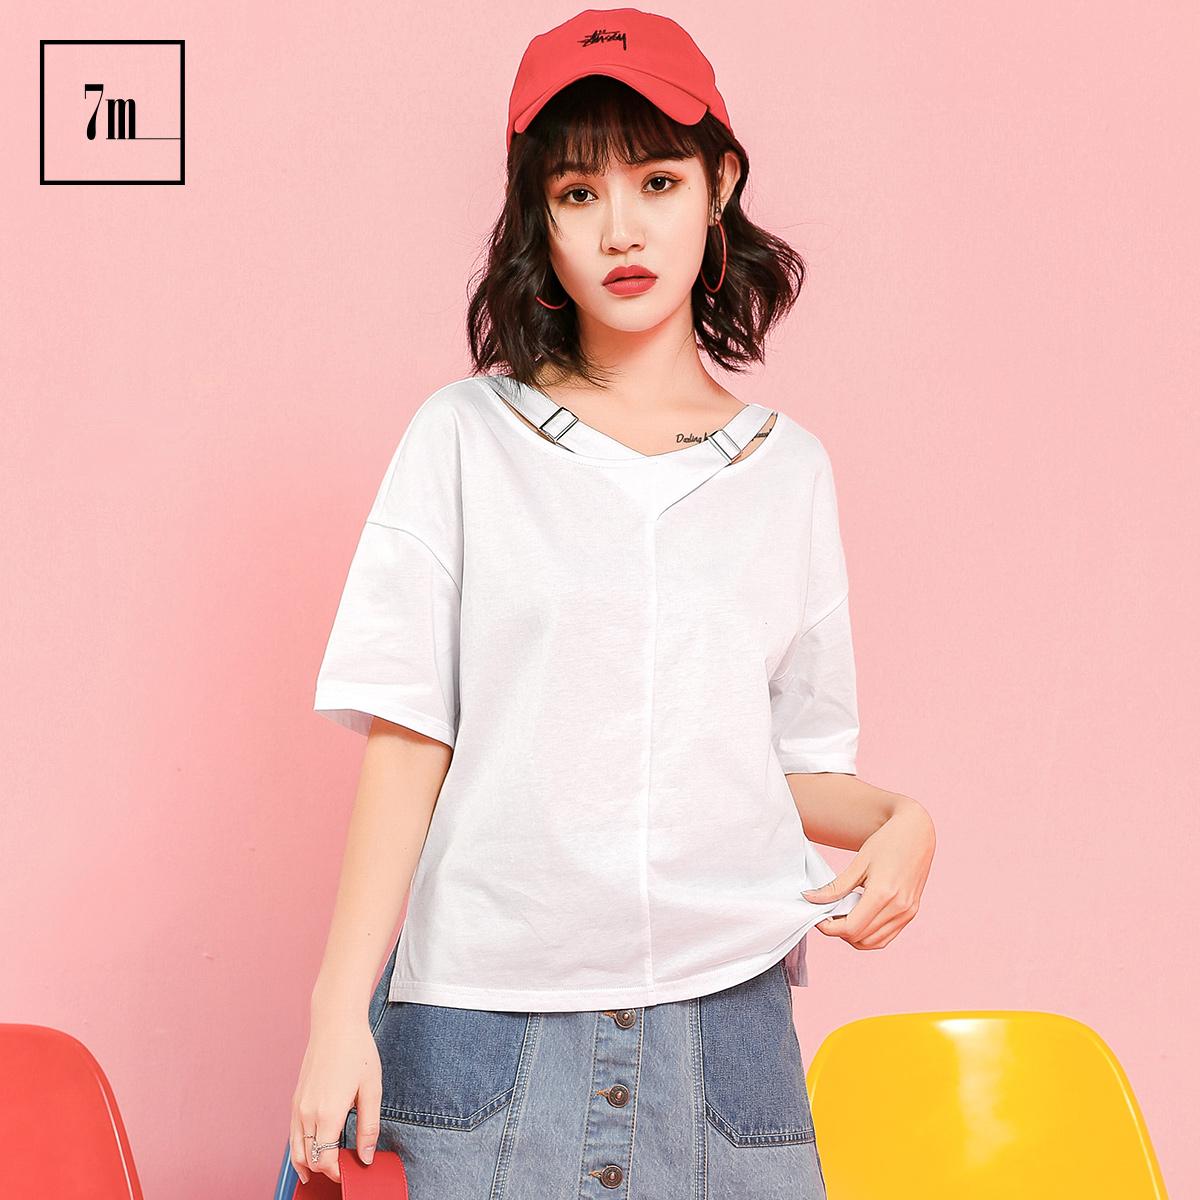 白色上衣拉夏贝尔7m2018夏装新款潮交叉颈带内搭宽松短袖t恤女